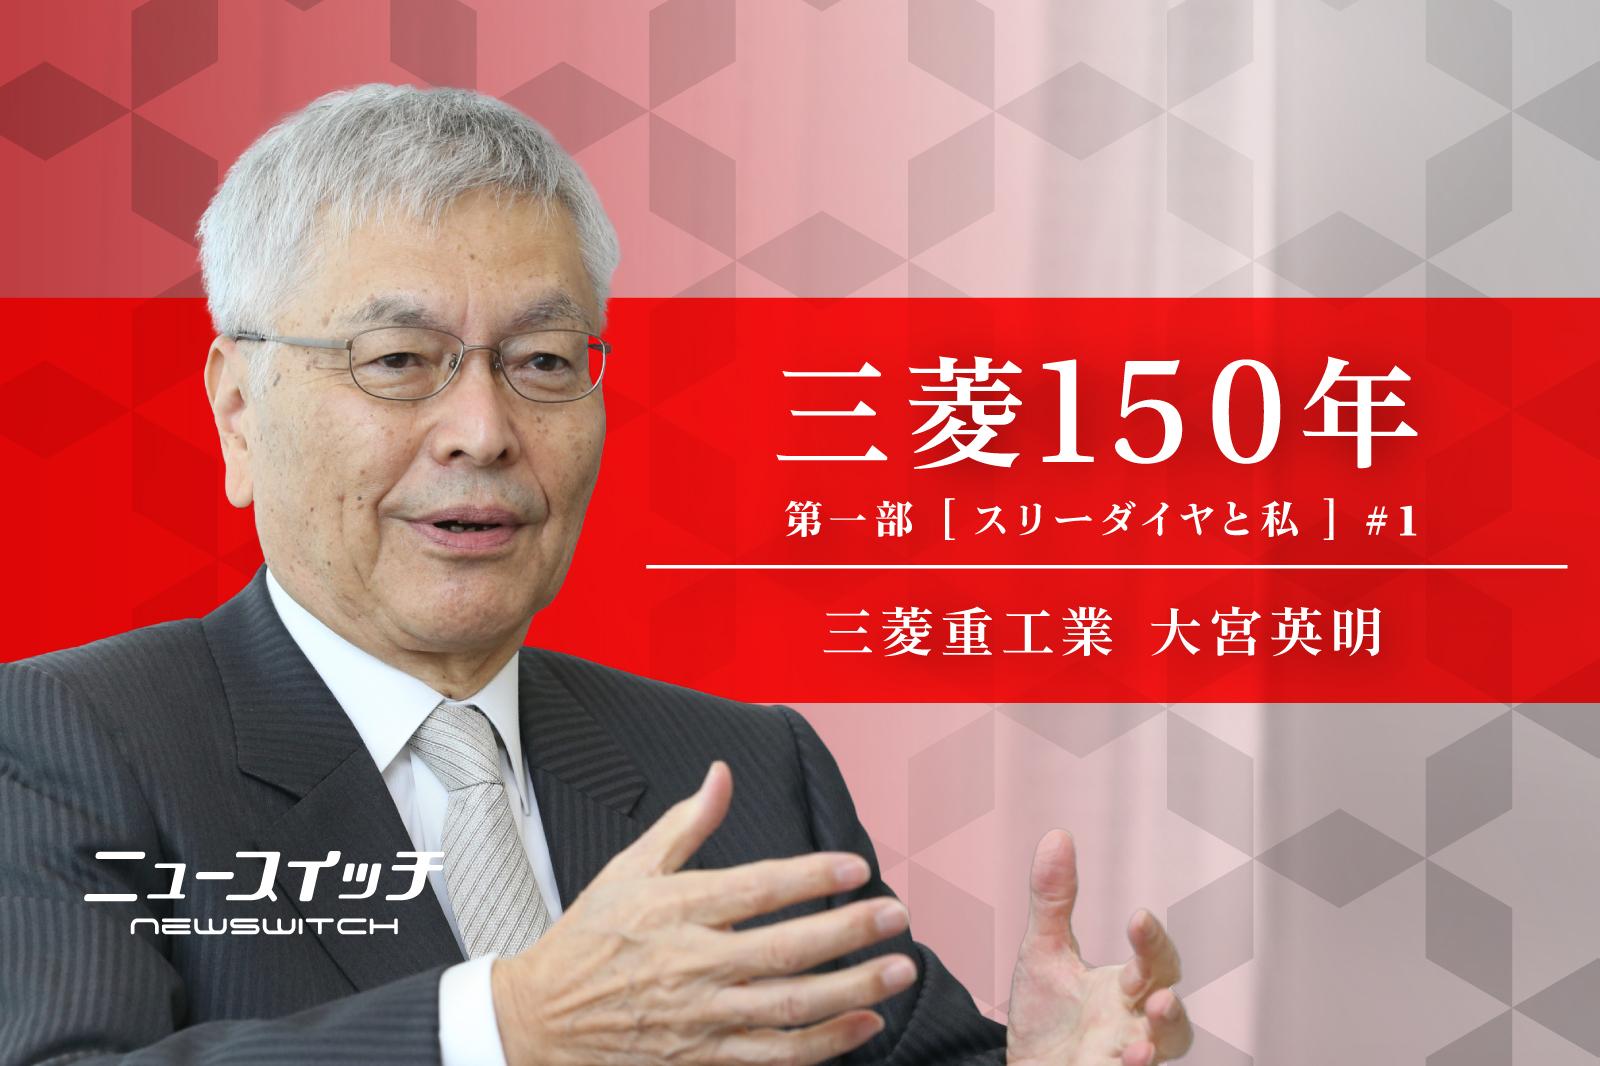 【三菱150年】 「国内企業を大同団結する方法を探るべき」